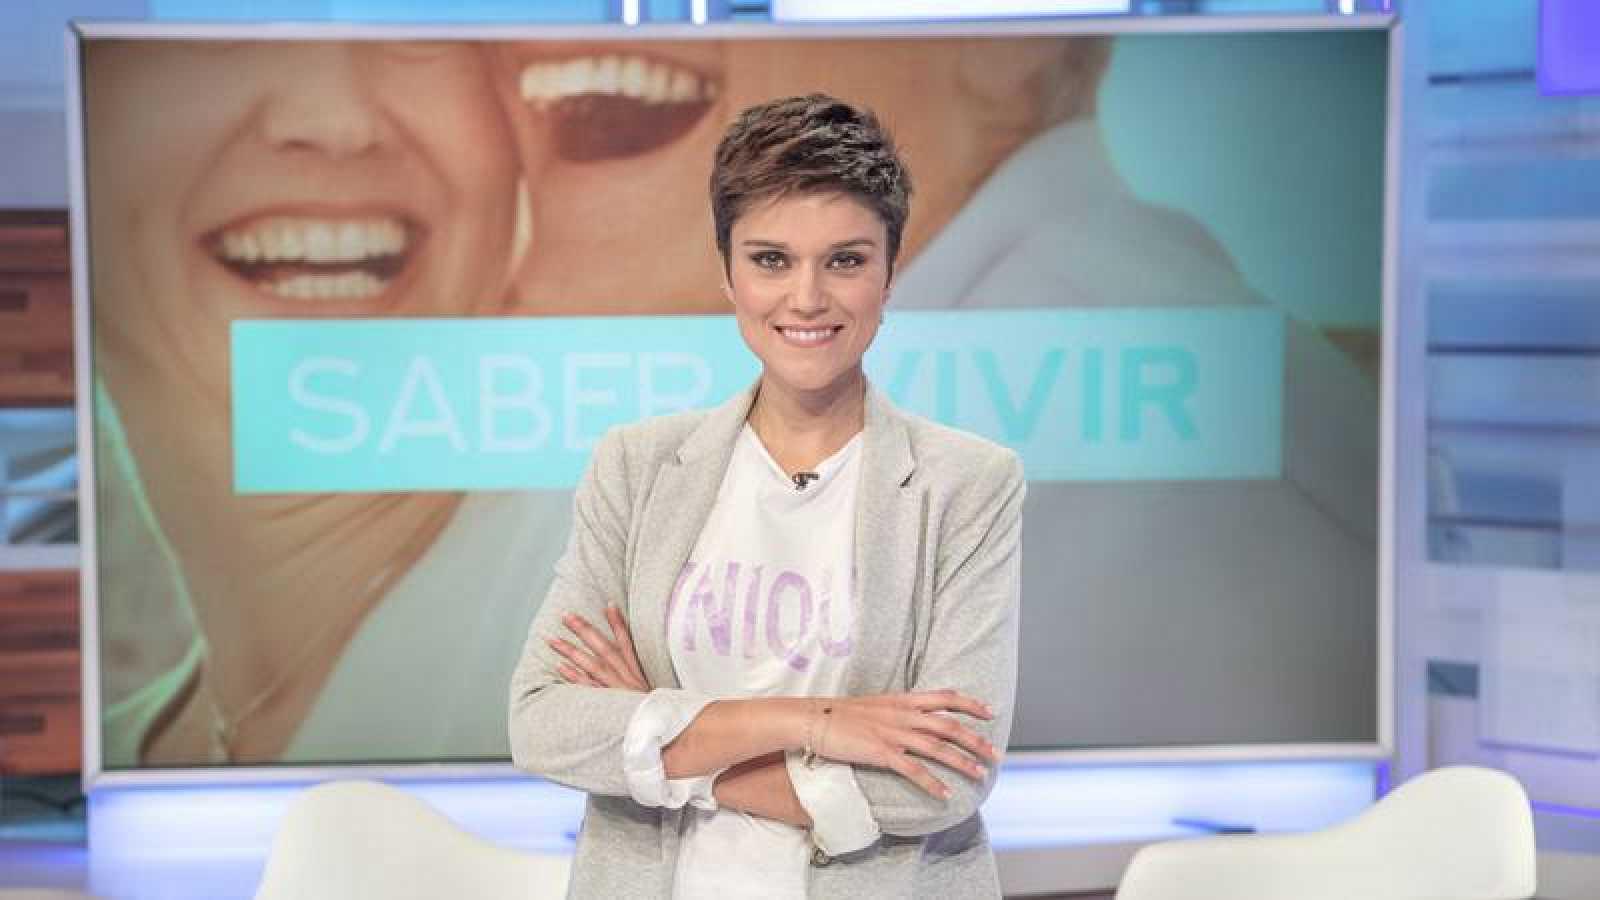 'Saber Vivir', premio al Programa más Saludable en SaludFestival